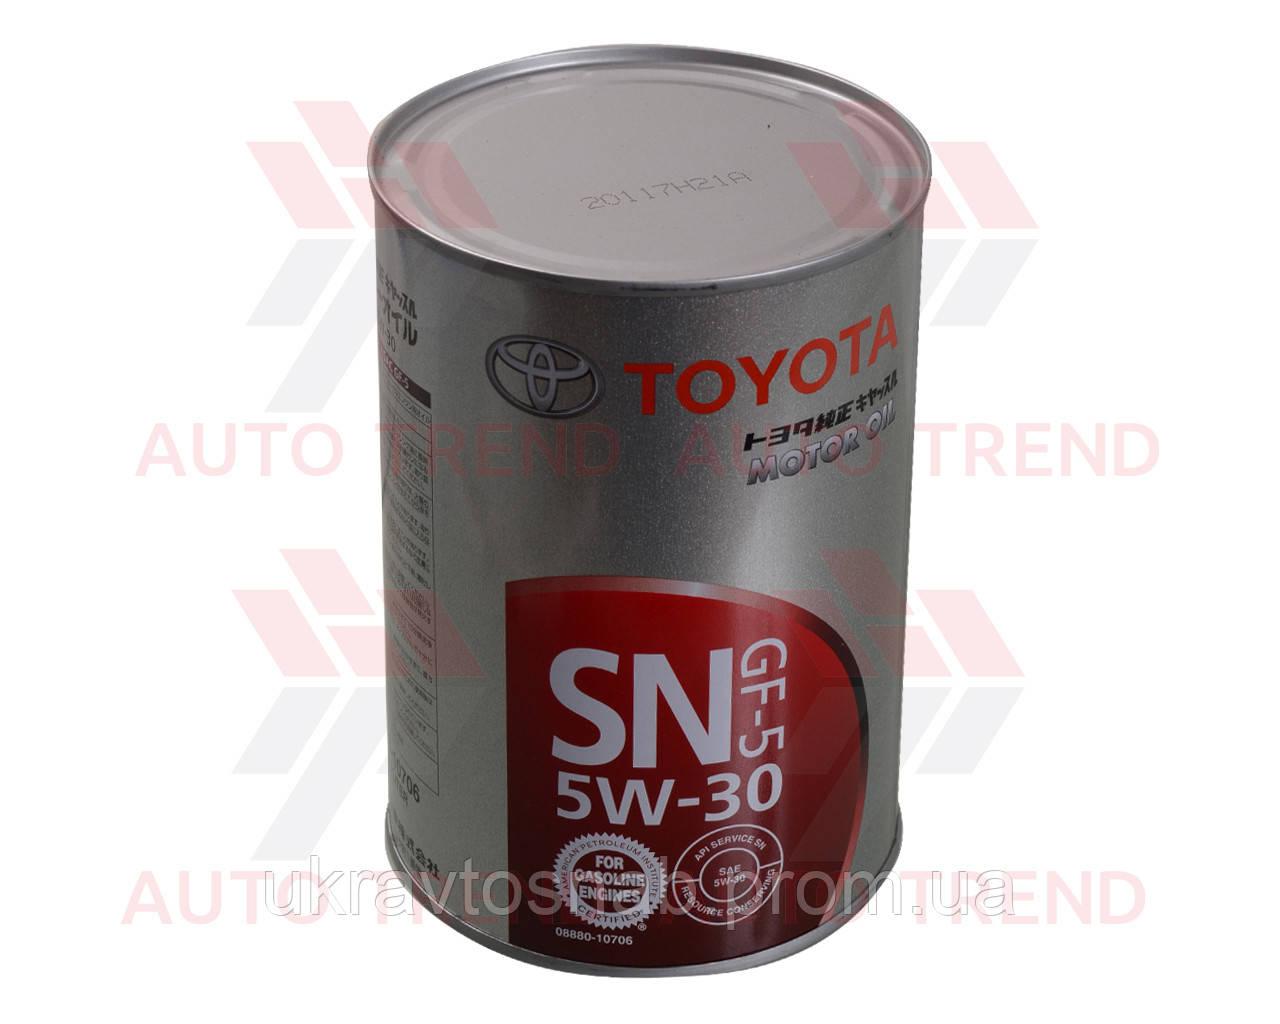 Масло моторное Toyota 5W-30 Motor Oil SN/GF-5 08880-10706 1л жесть, Япония